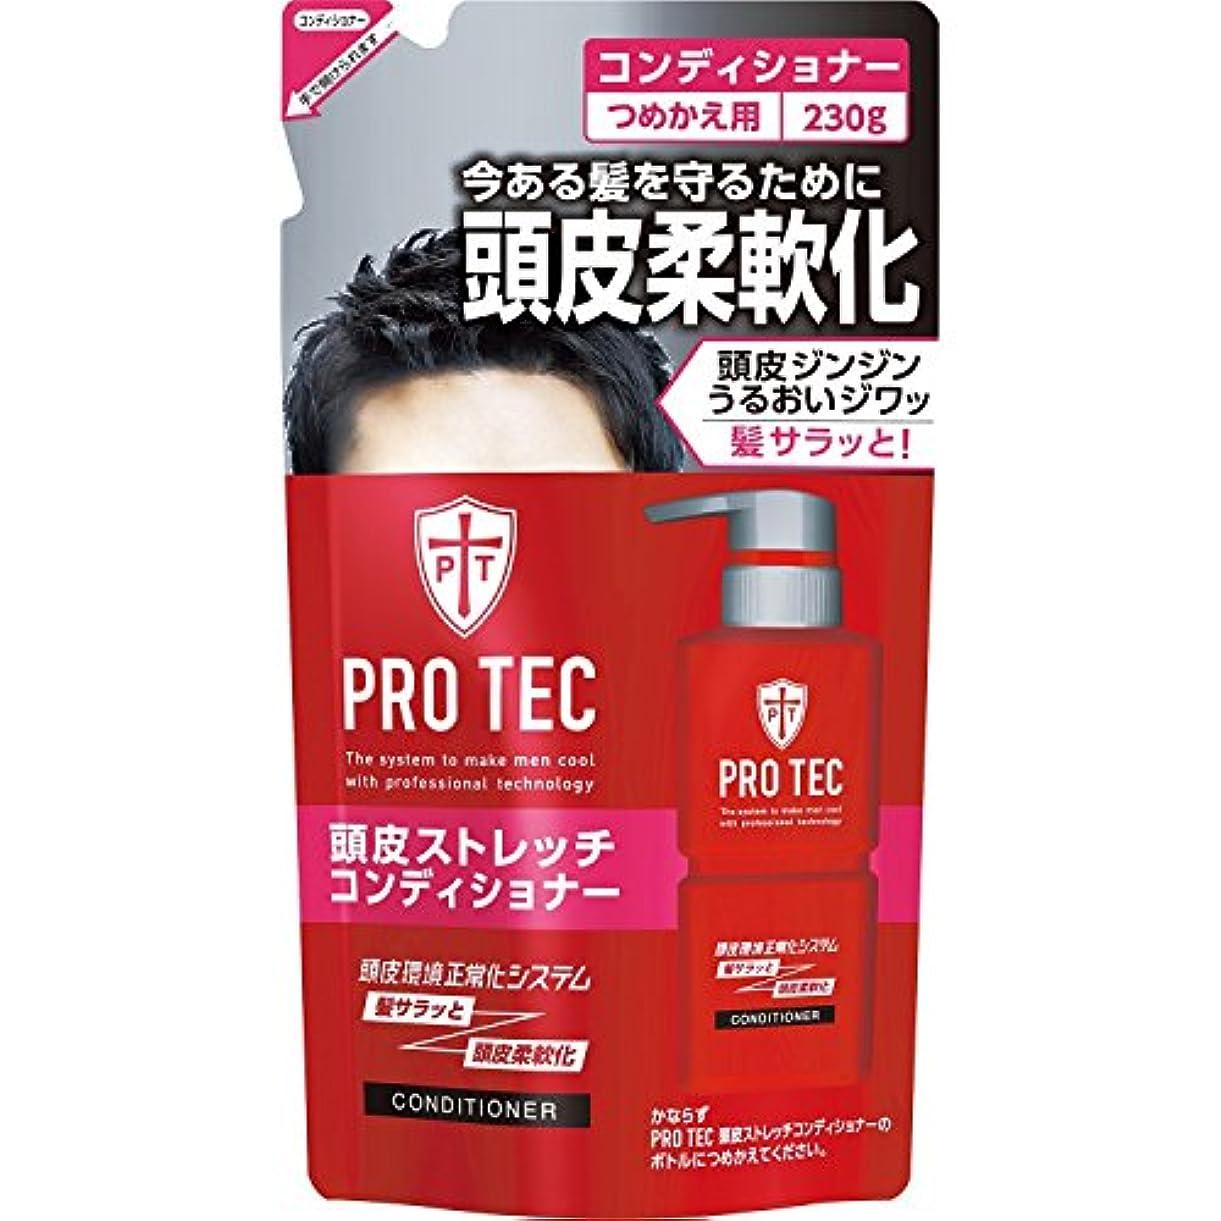 取り壊す製品判決PRO TEC(プロテク) 頭皮ストレッチ コンディショナー 詰め替え 230g